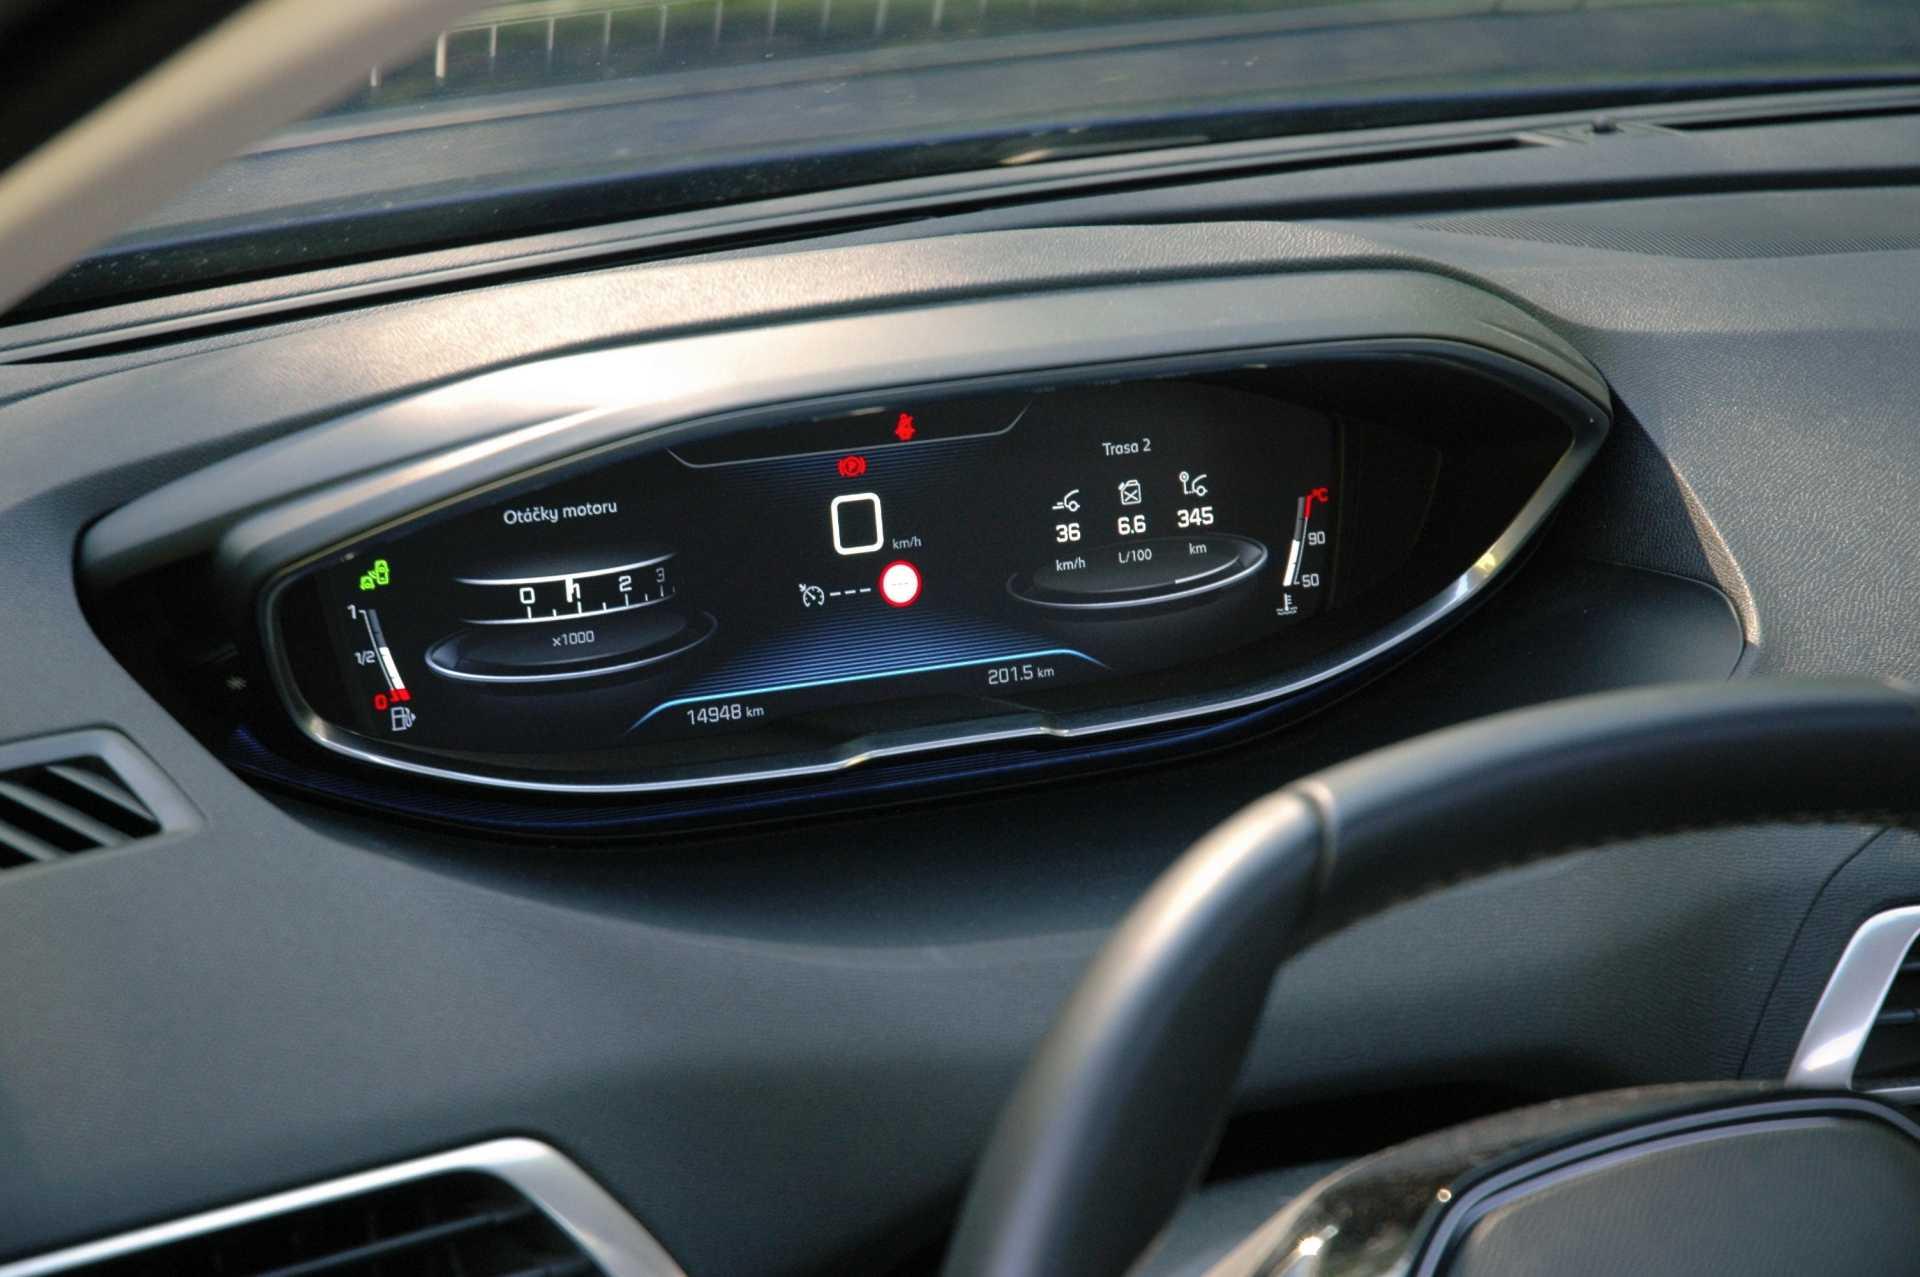 Digitální budíky, virtuální kokpit po francouzsku i-cockpit je v Peugeotu velmi originálně řešen